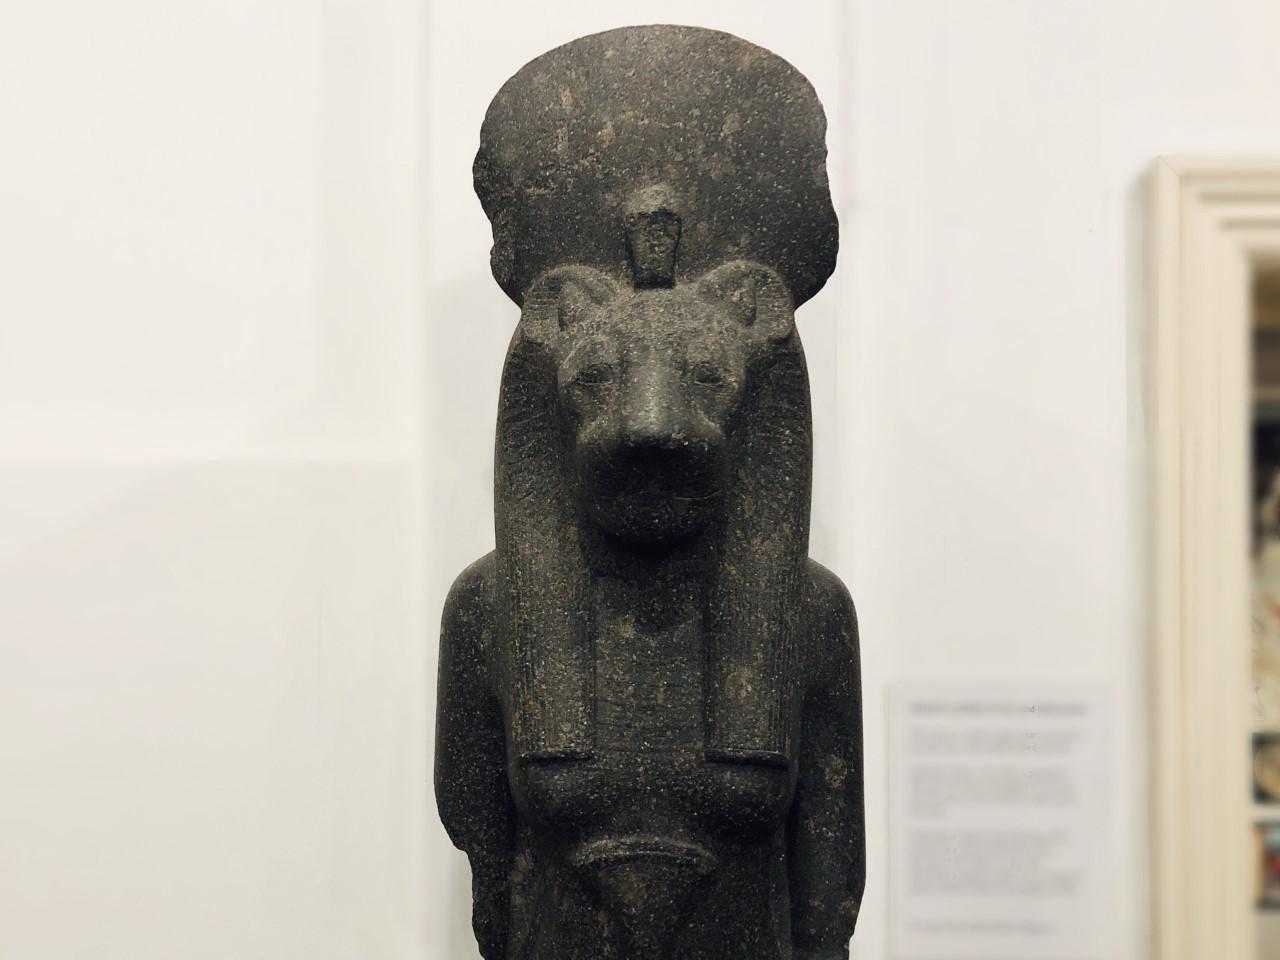 9. Goddess Sekhmet Statue